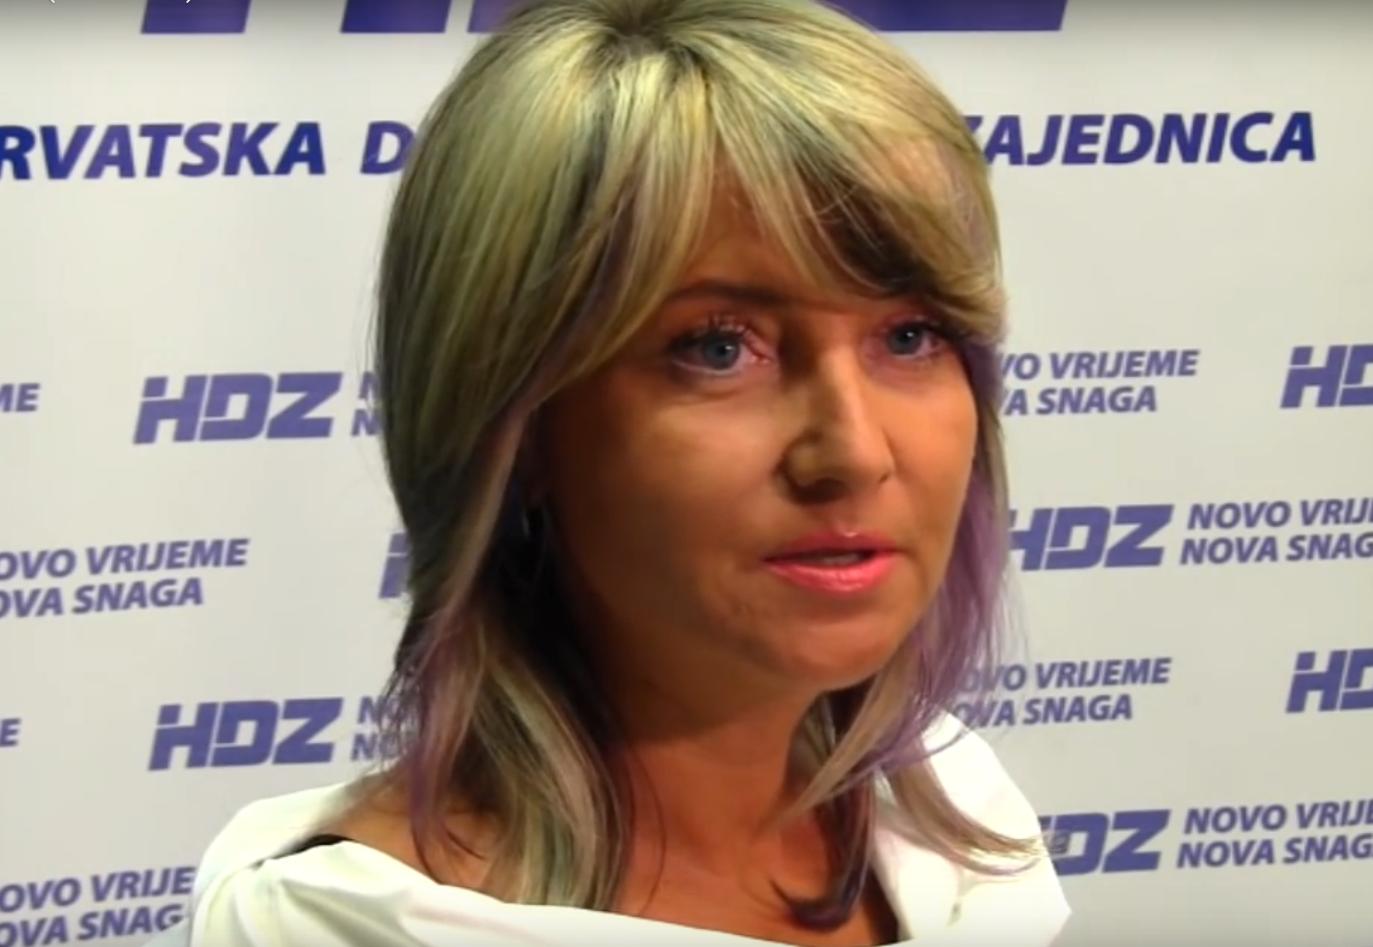 POČELO KADROVIRANJE IZ VLADE: Sunčana Glavak je glasnogovornica – Neven Zelić predstojnik 1